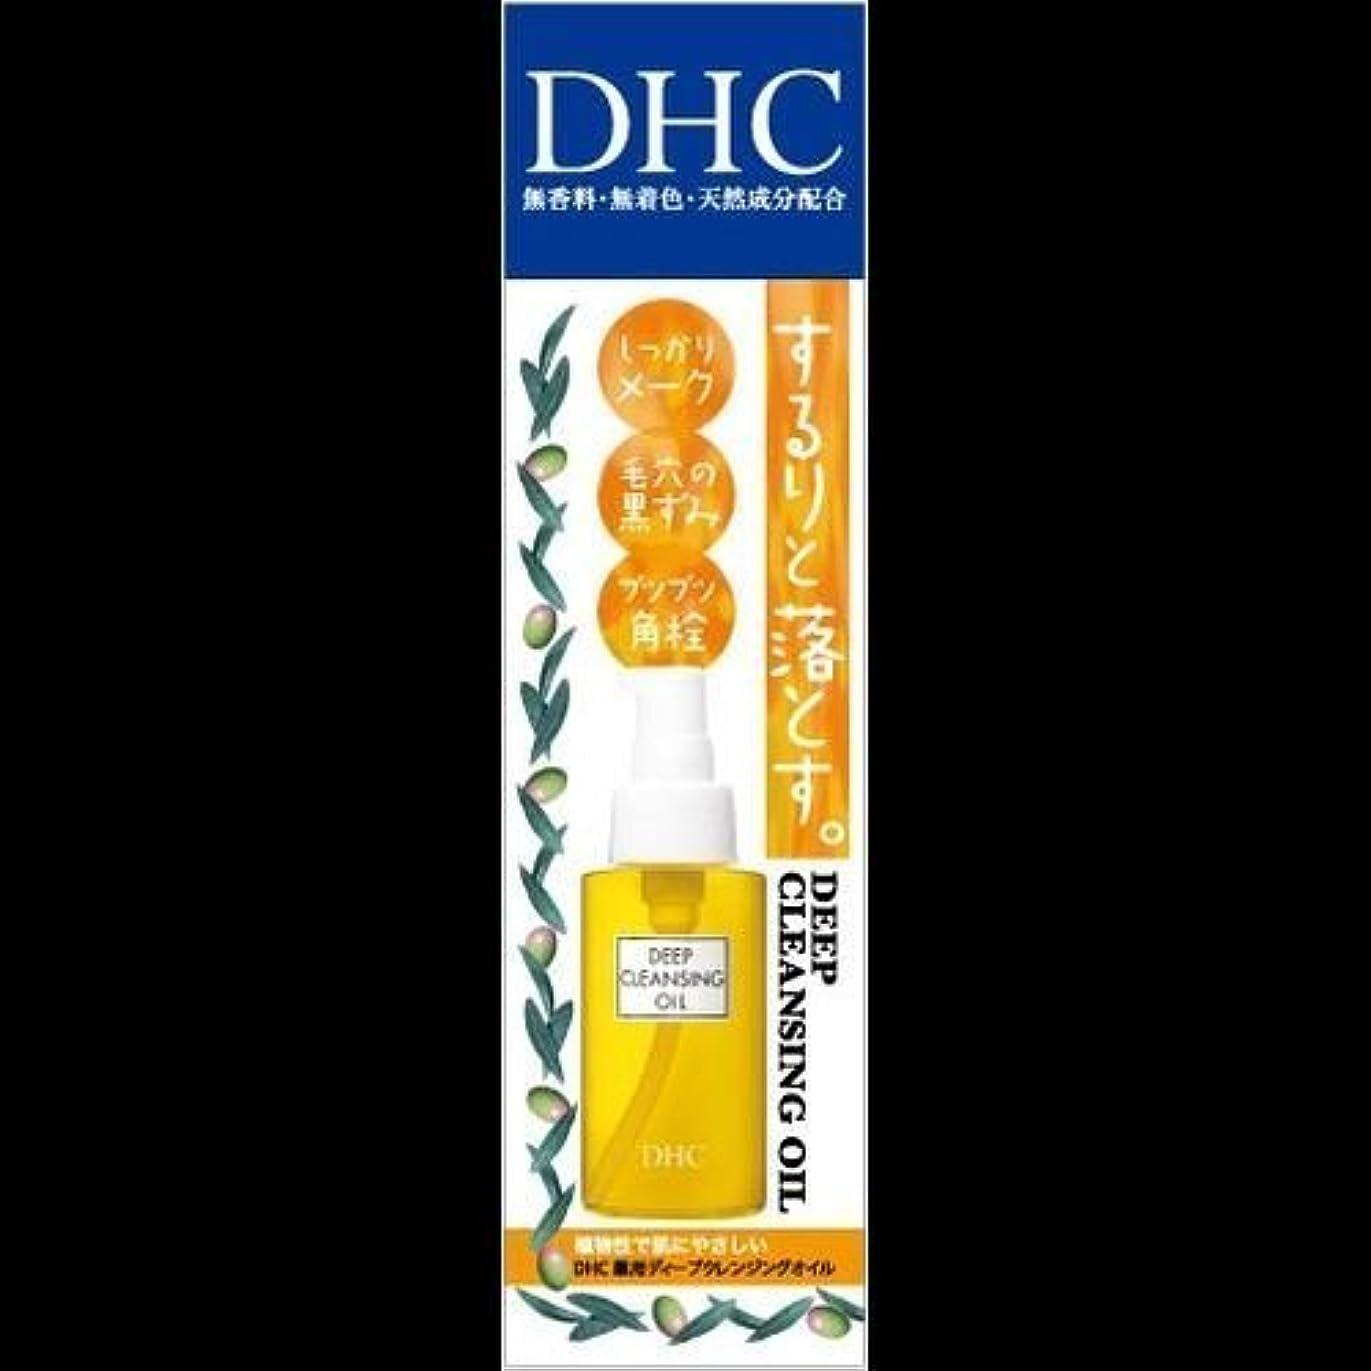 スポンジ欠如エッセイ【まとめ買い】DHC 薬用ディープクレンジングオイル(SS) 70ml ×2セット